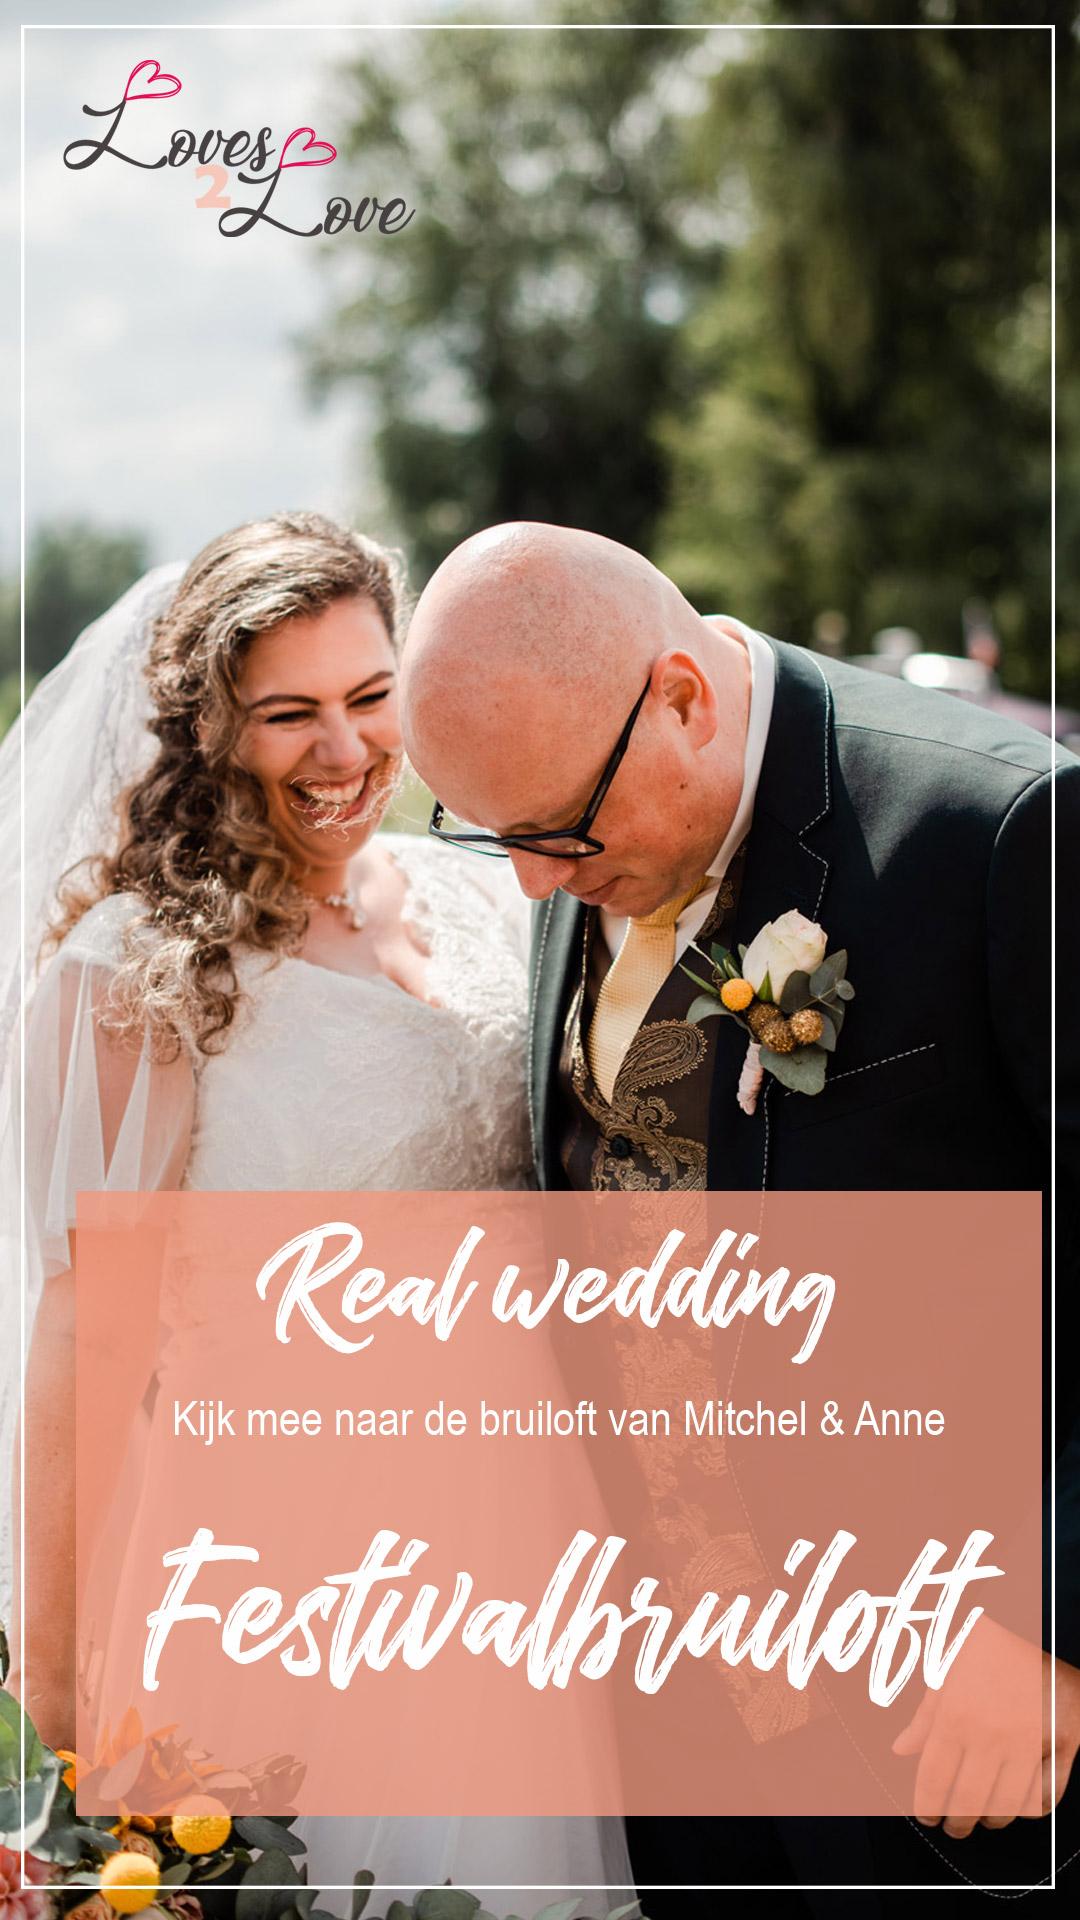 Pin deze afbeelding om de real wedding later terug te kijken